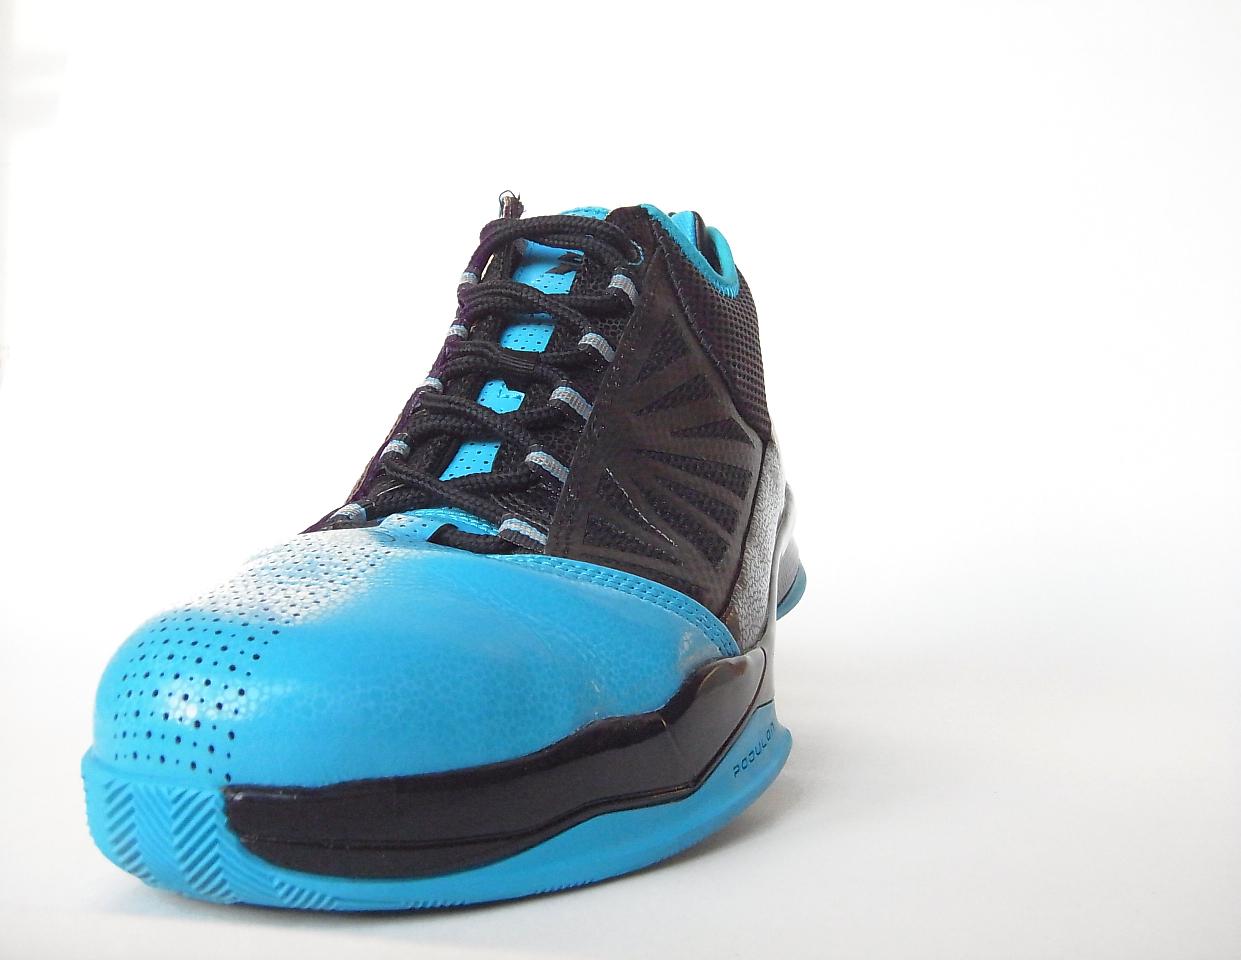 size 40 13984 ee999 Jordan CP3.IV (4) Performance Review - SZOK | SZOK